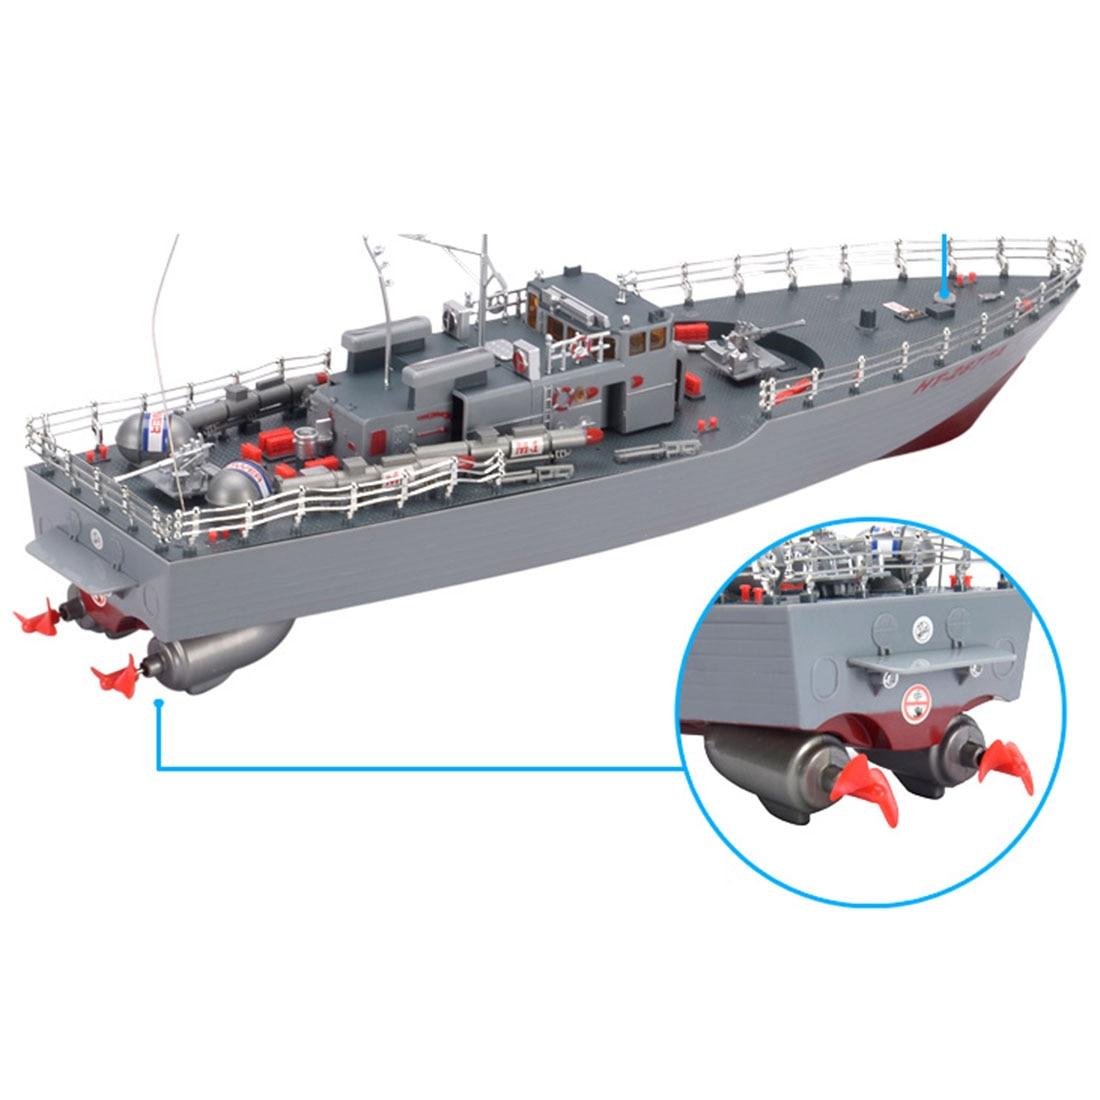 50 cm 1:115 RC bateau jouets télécommande bateau de guerre modèle militaire bateau jouet pour l'armée Fans présent cadeau-US Plug - 4